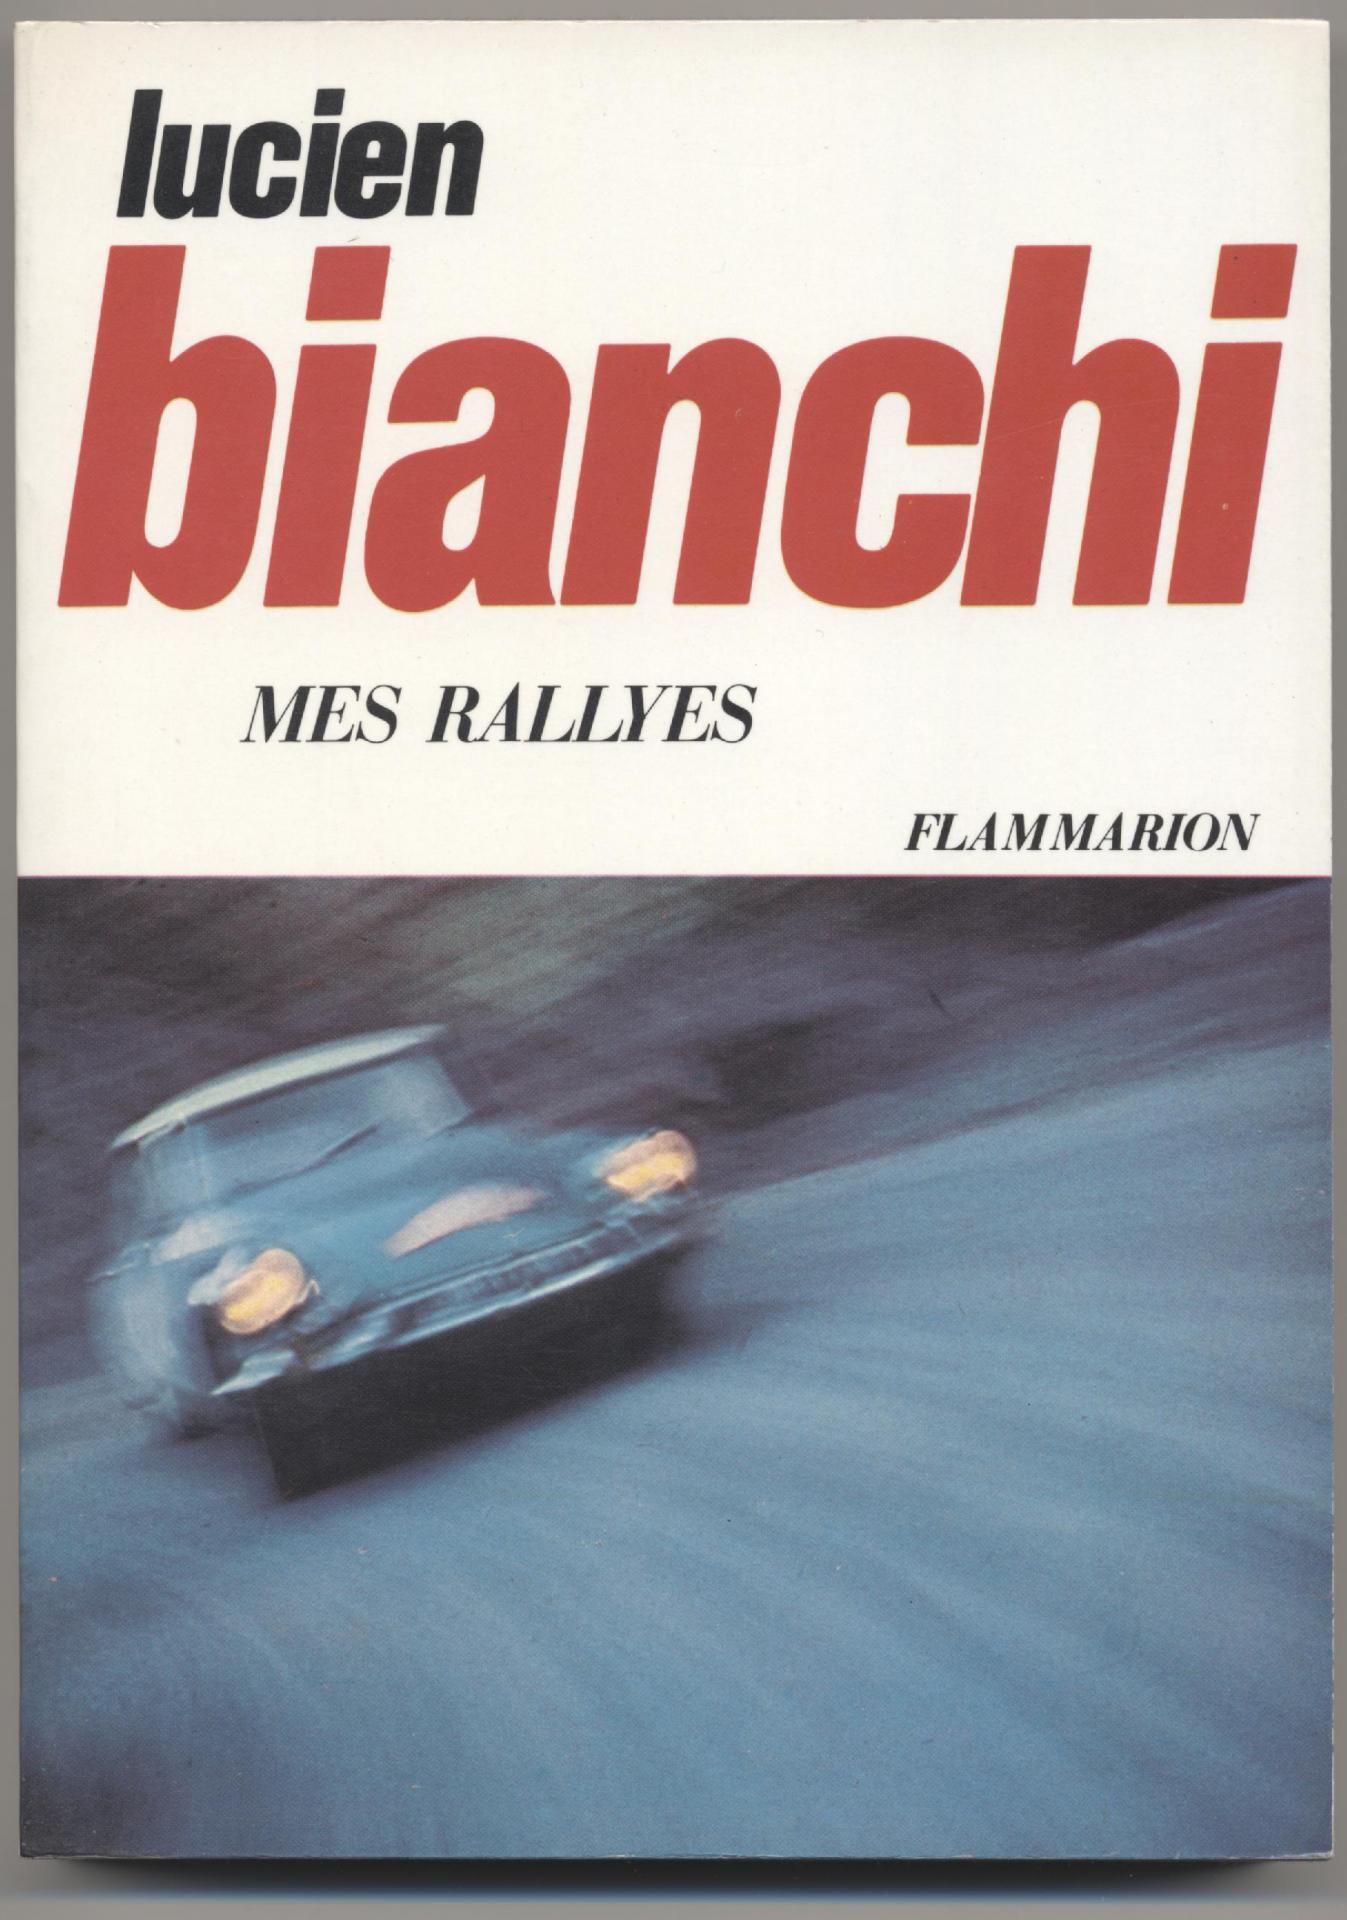 1969 Mes rallyes